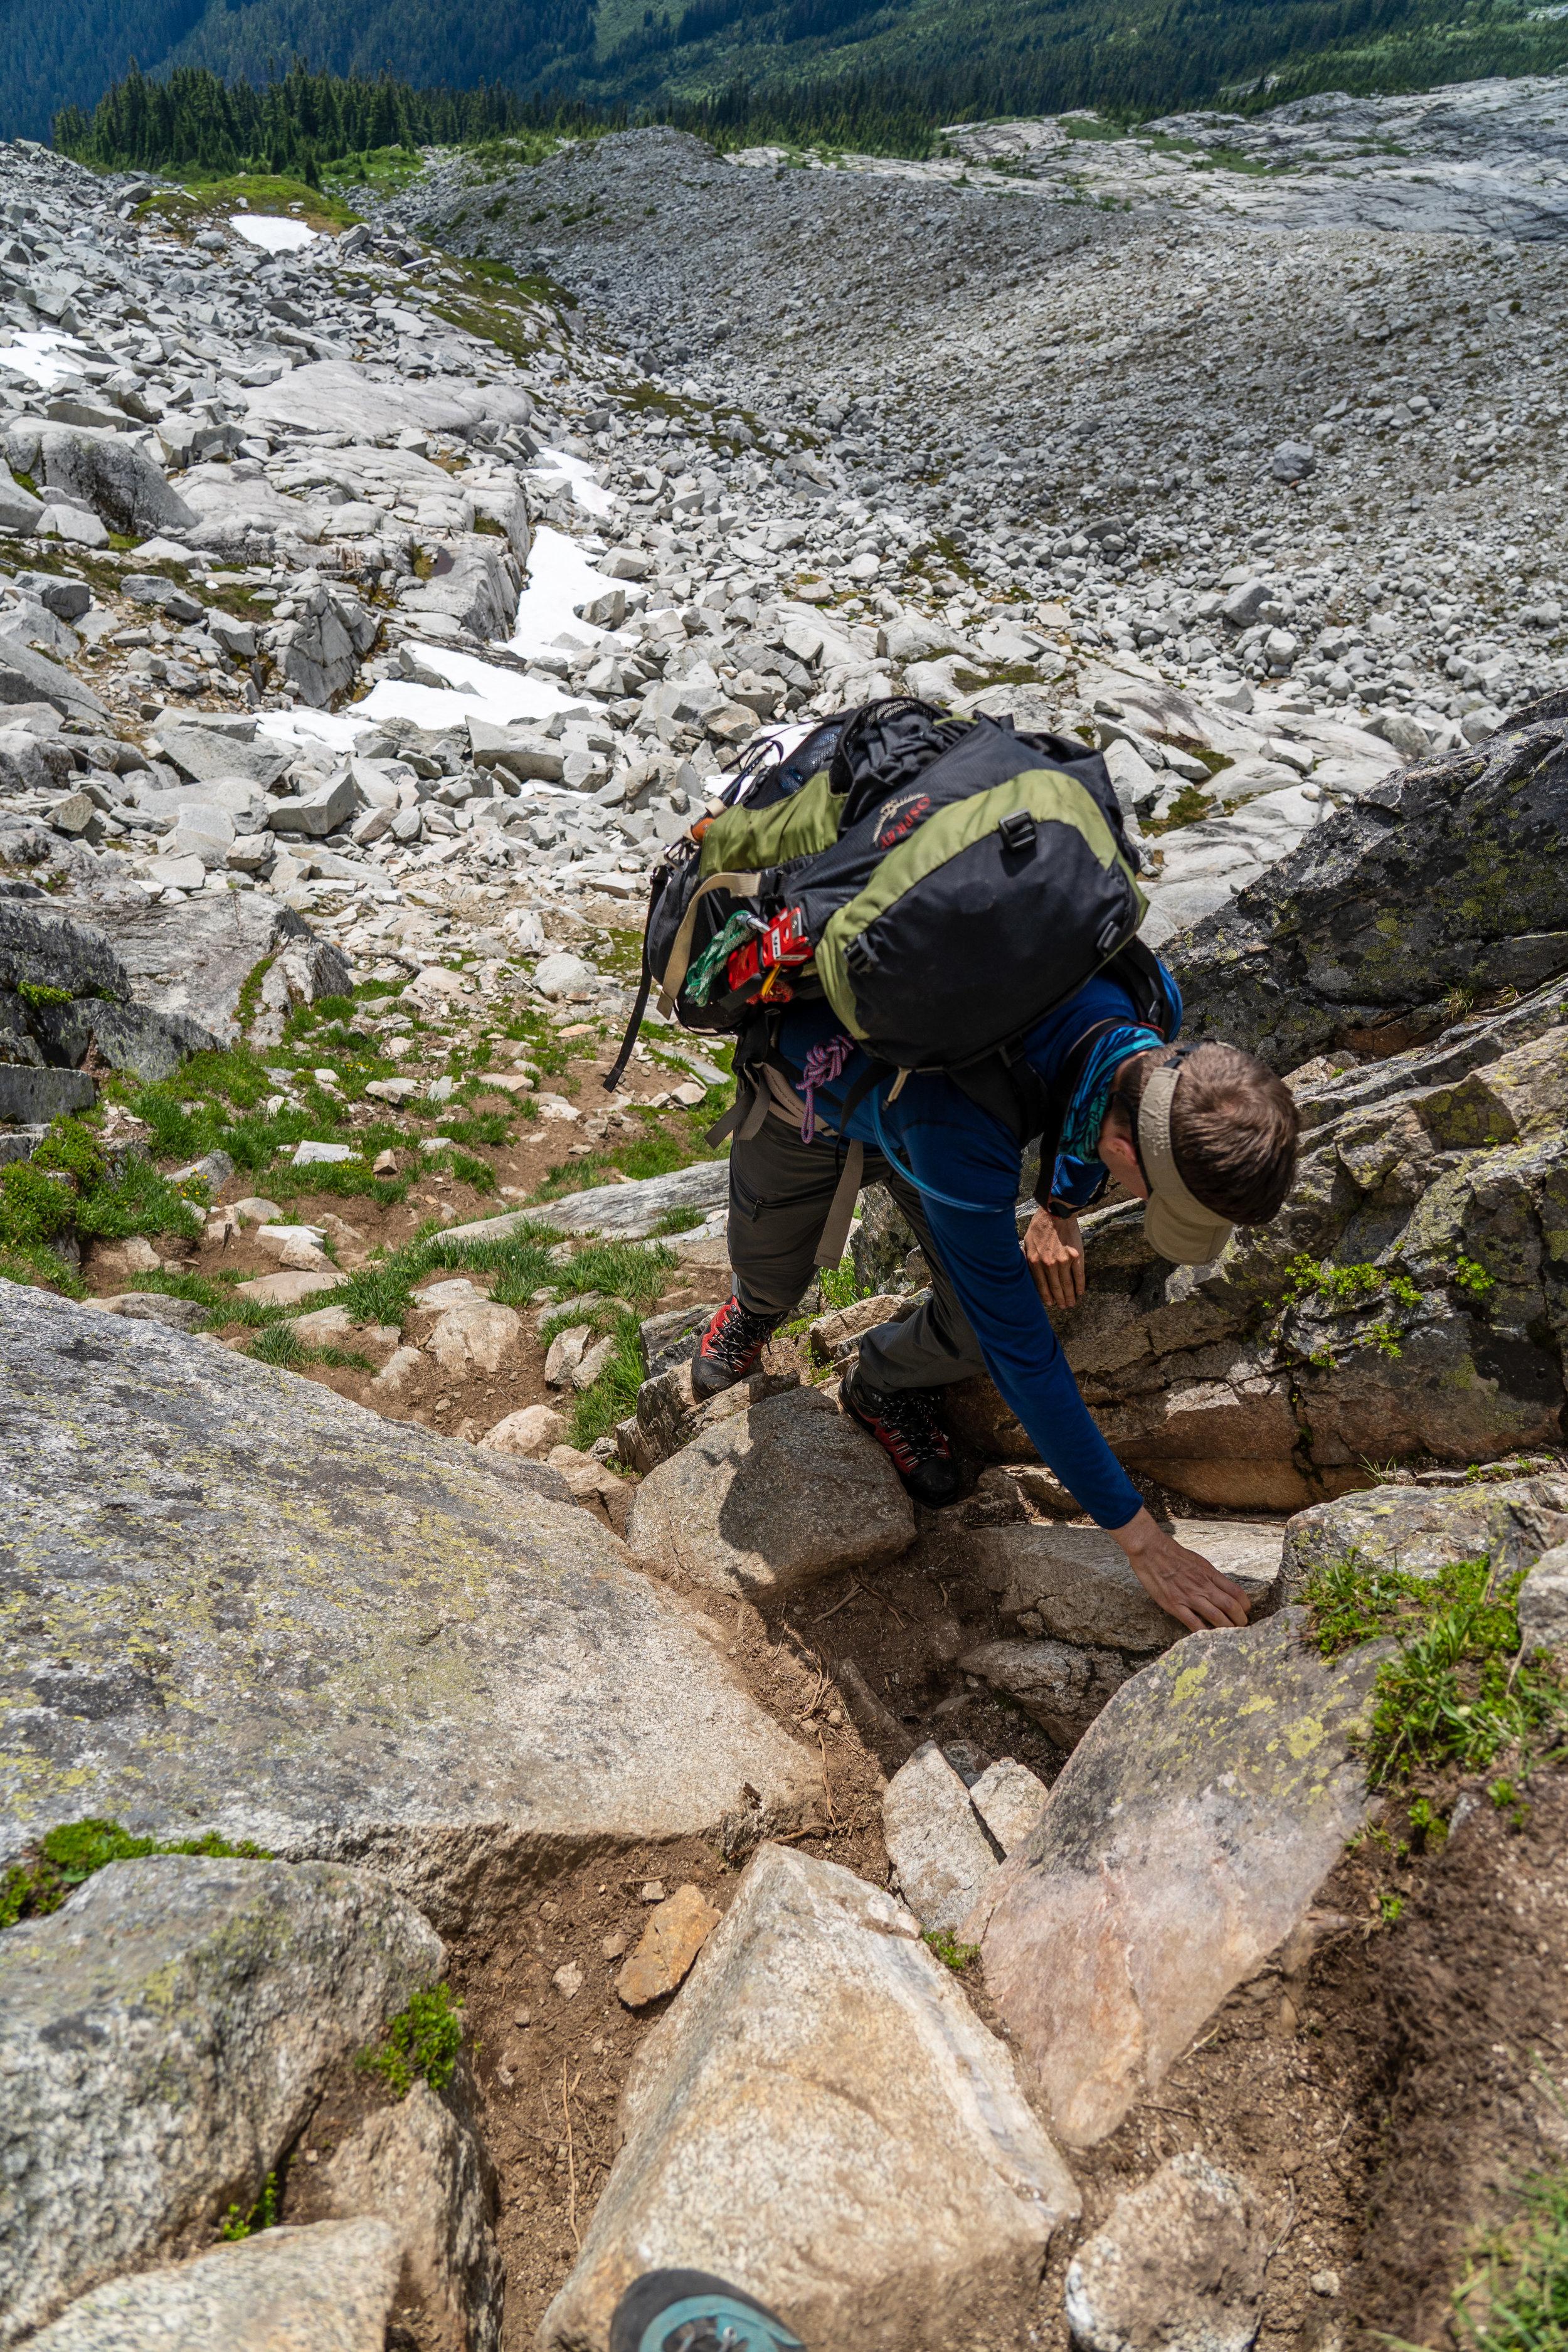 Short scramble down climb